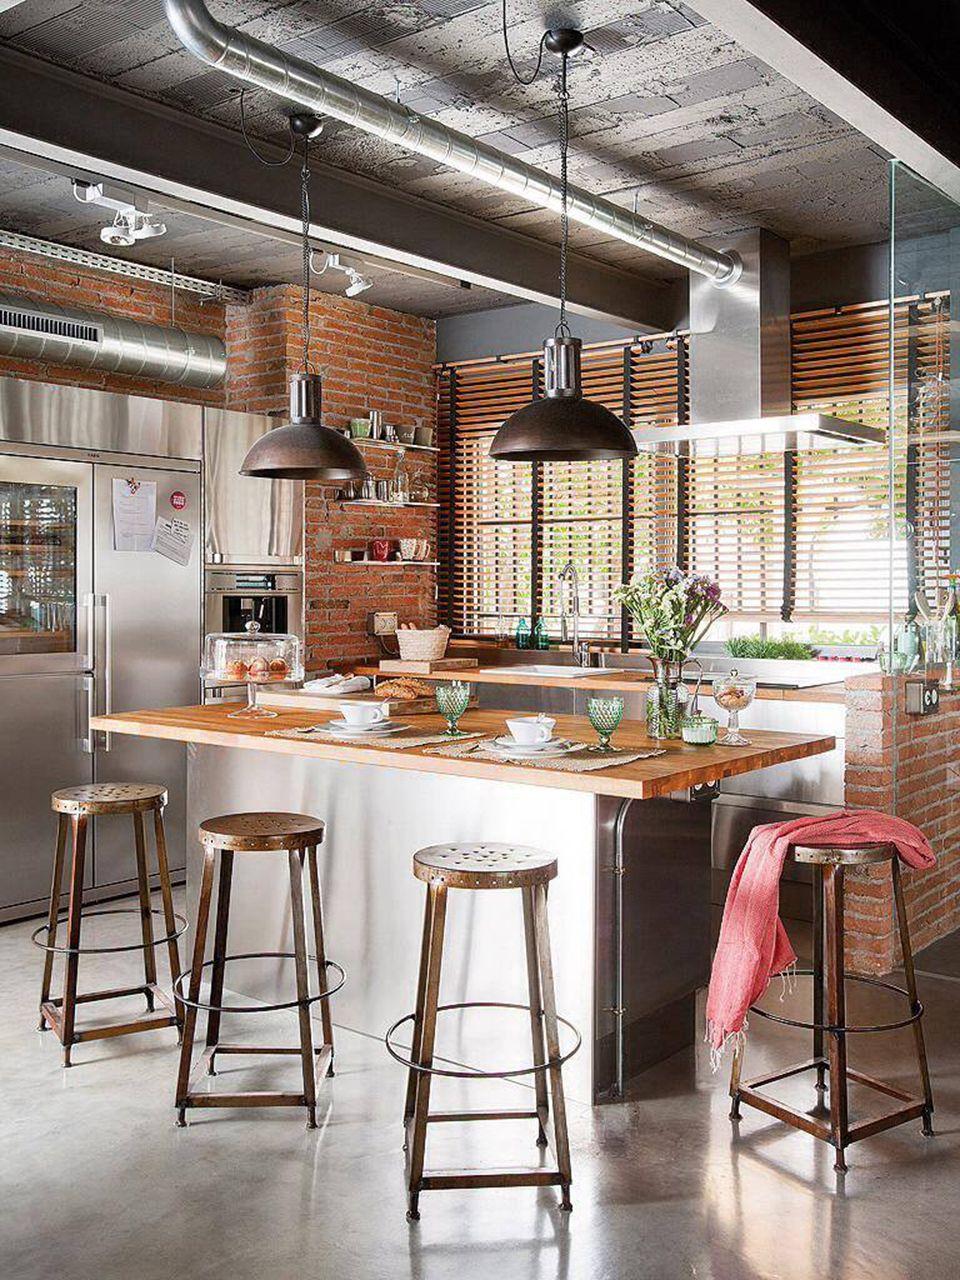 murs en brique tuyaux apparents suspensions et hauts. Black Bedroom Furniture Sets. Home Design Ideas